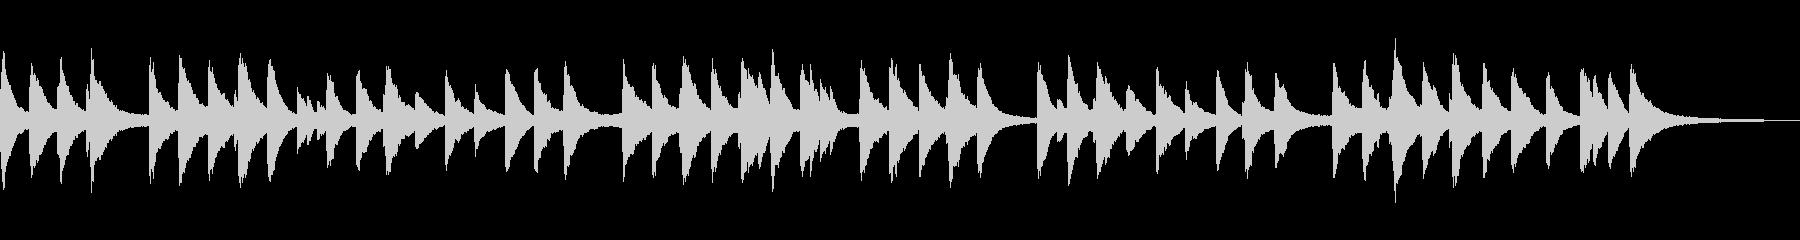 気持ちが通じ合うようなあたたかなピアノ曲の未再生の波形